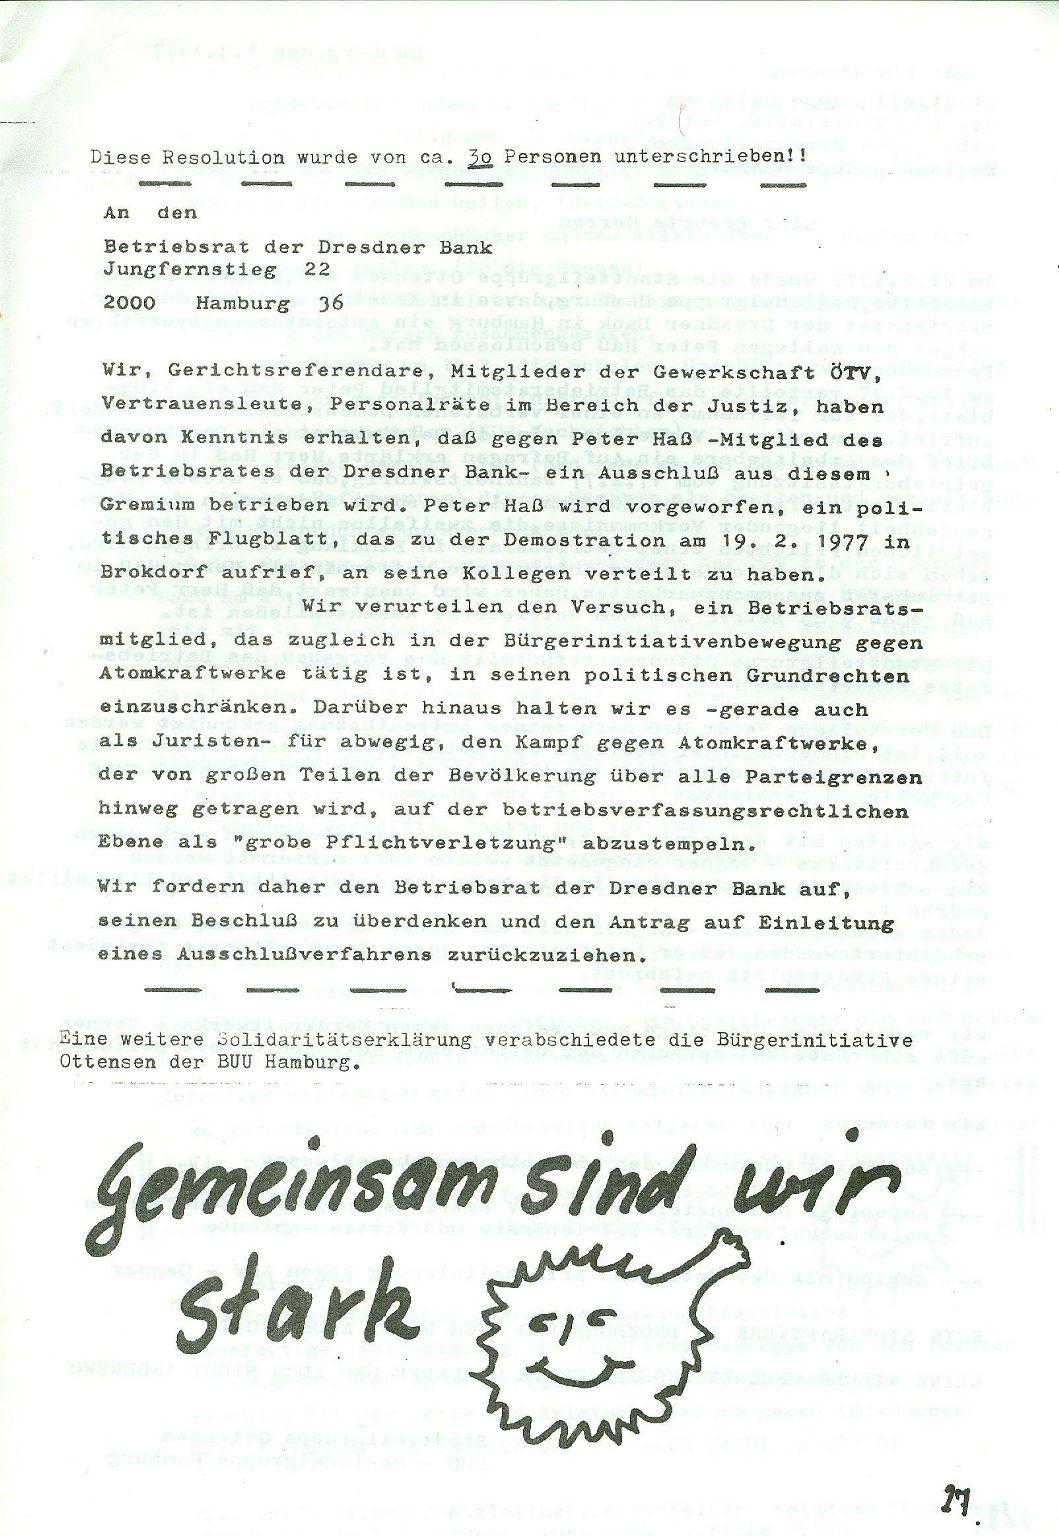 Hamburg_AKW528